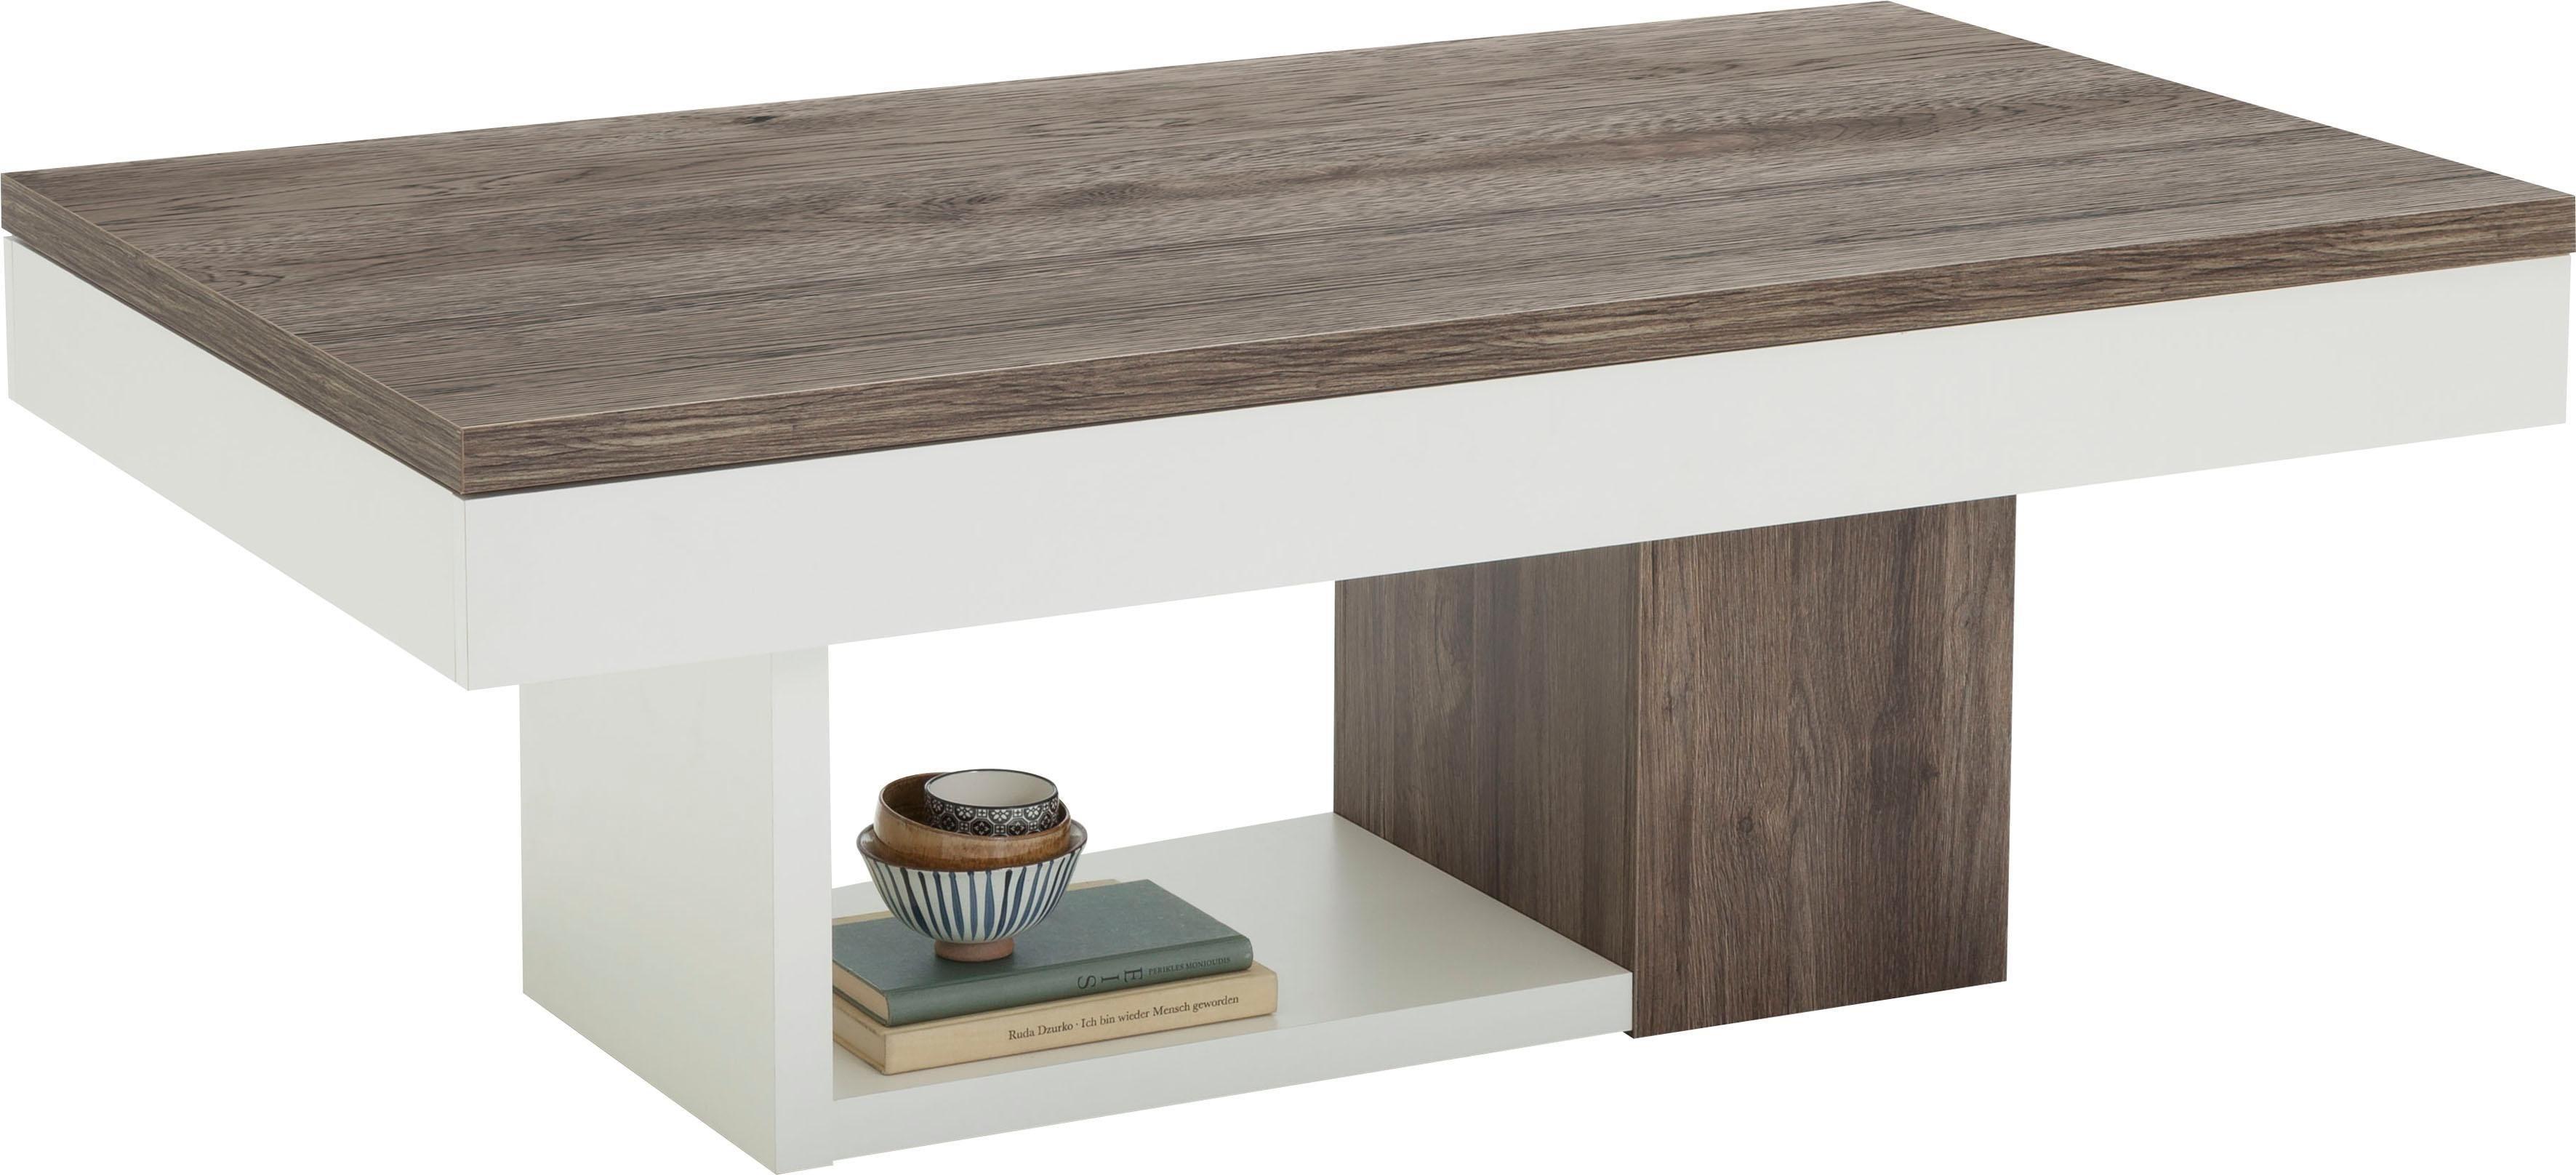 rattankorb couchtisch preisvergleich die besten angebote online kaufen. Black Bedroom Furniture Sets. Home Design Ideas